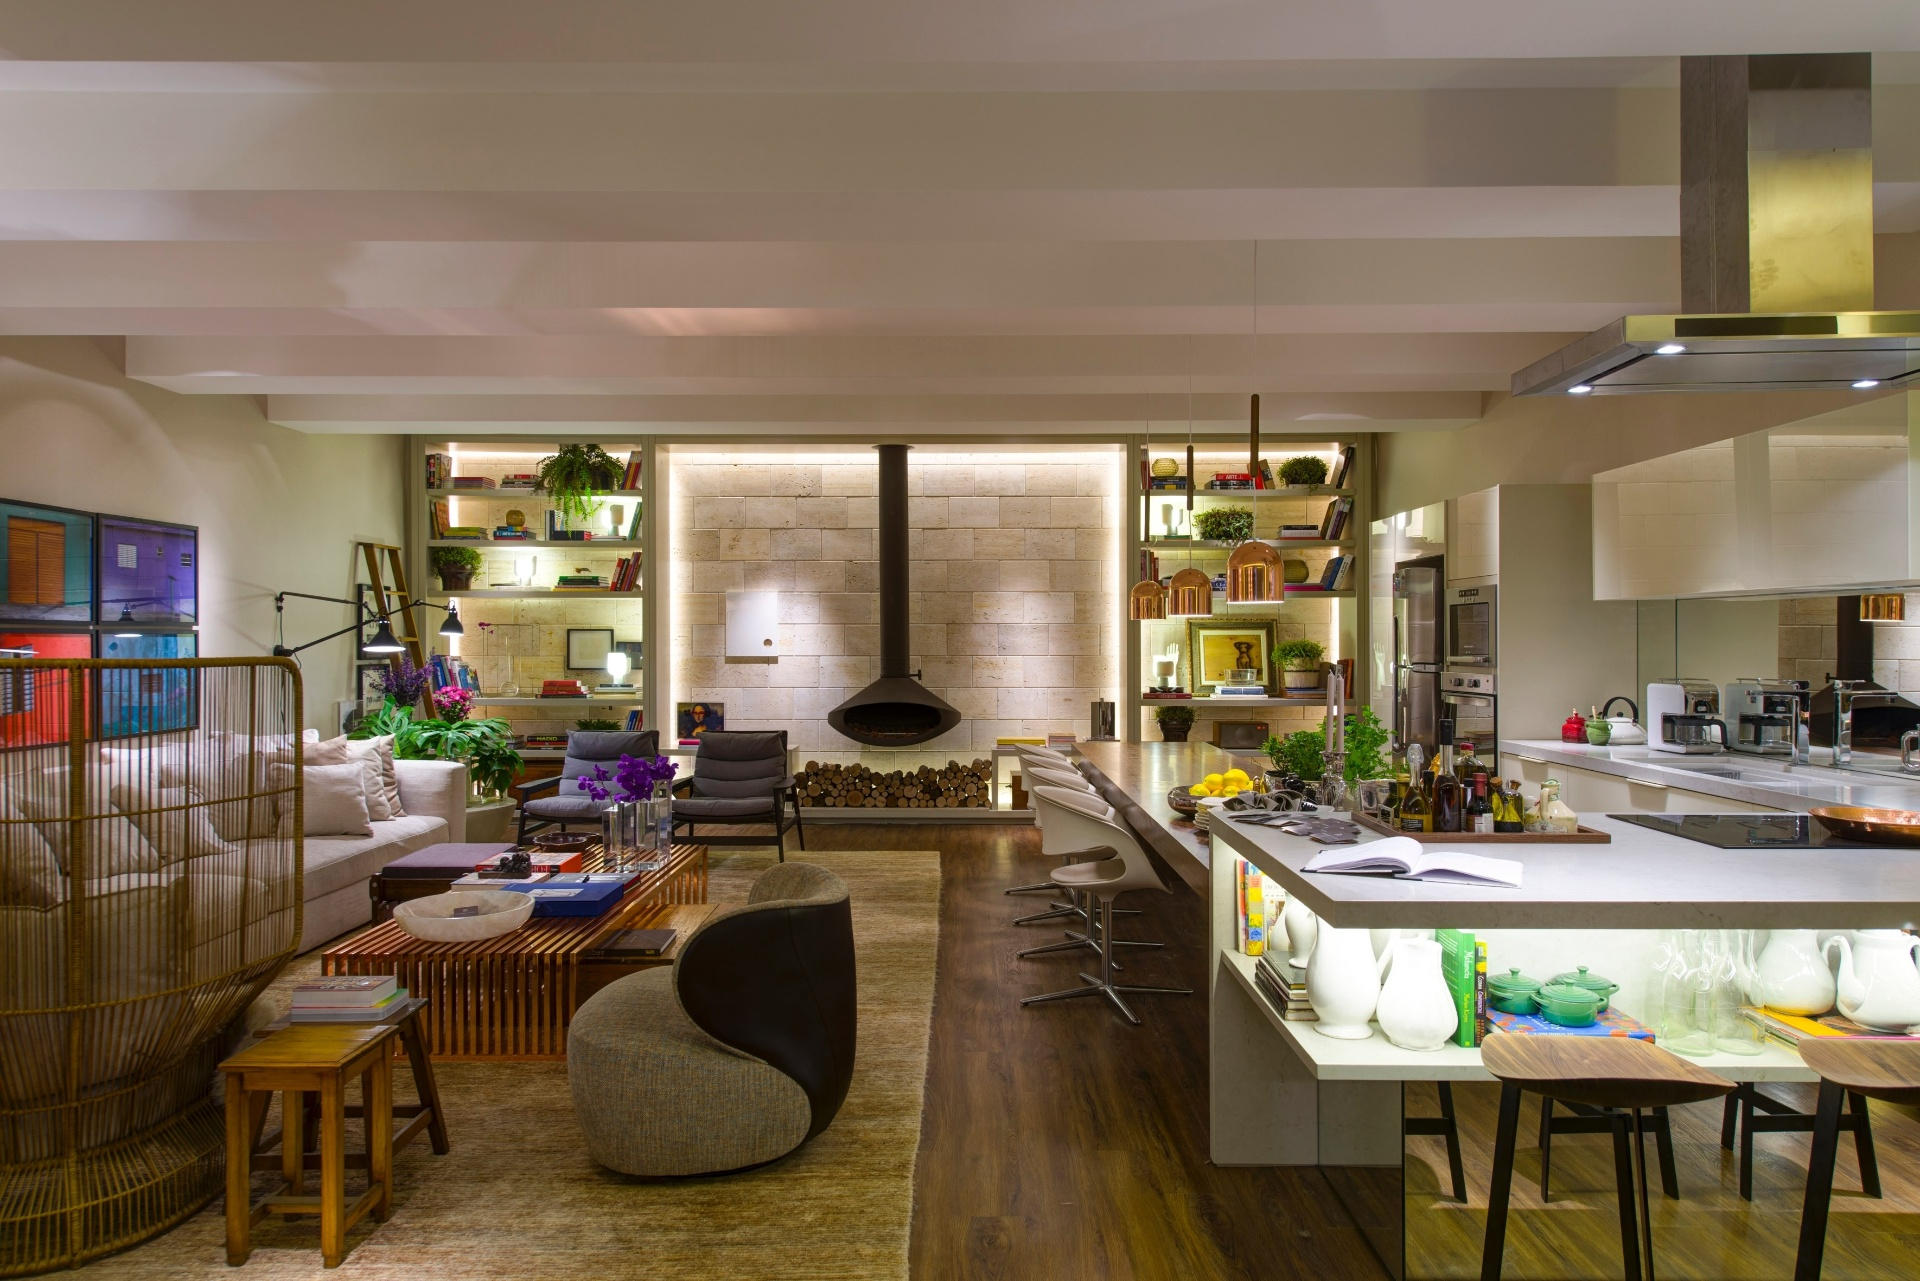 projetou um espaço integrado que abriga sala de estar e cozinha  #997D32 1920 1281